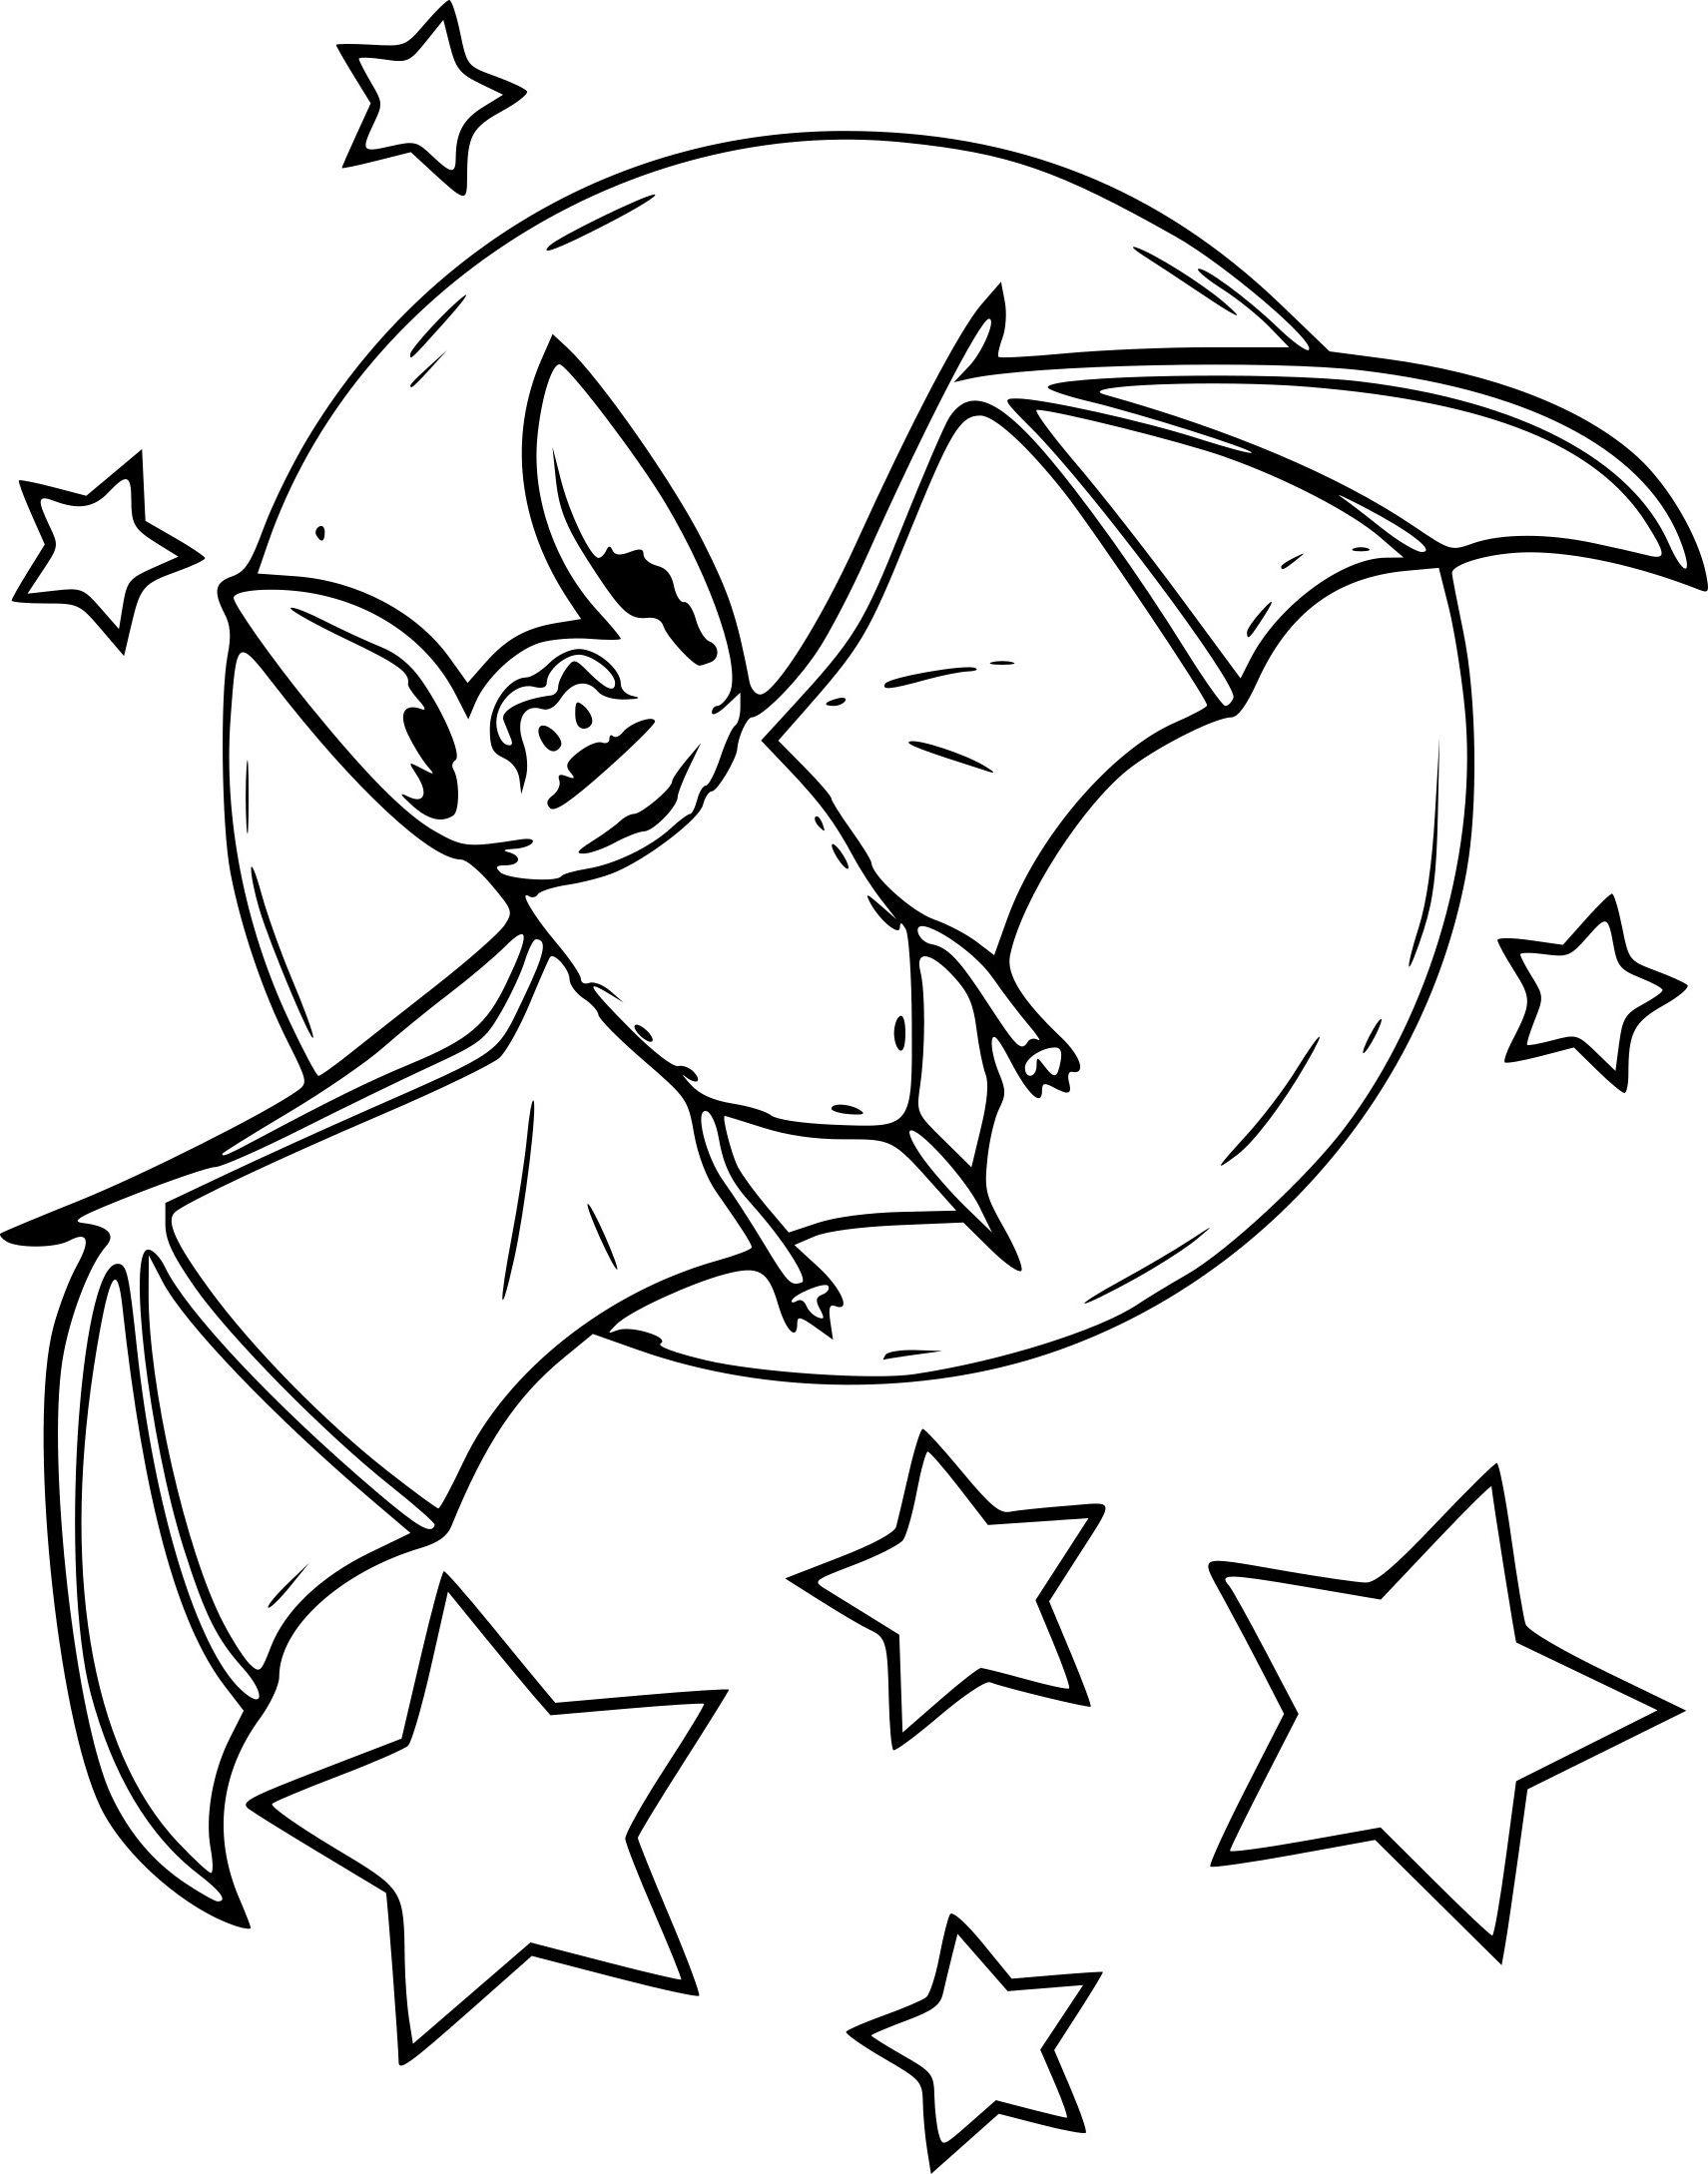 8 Luxe De Halloween Dessin Chauve souris Image en 2020